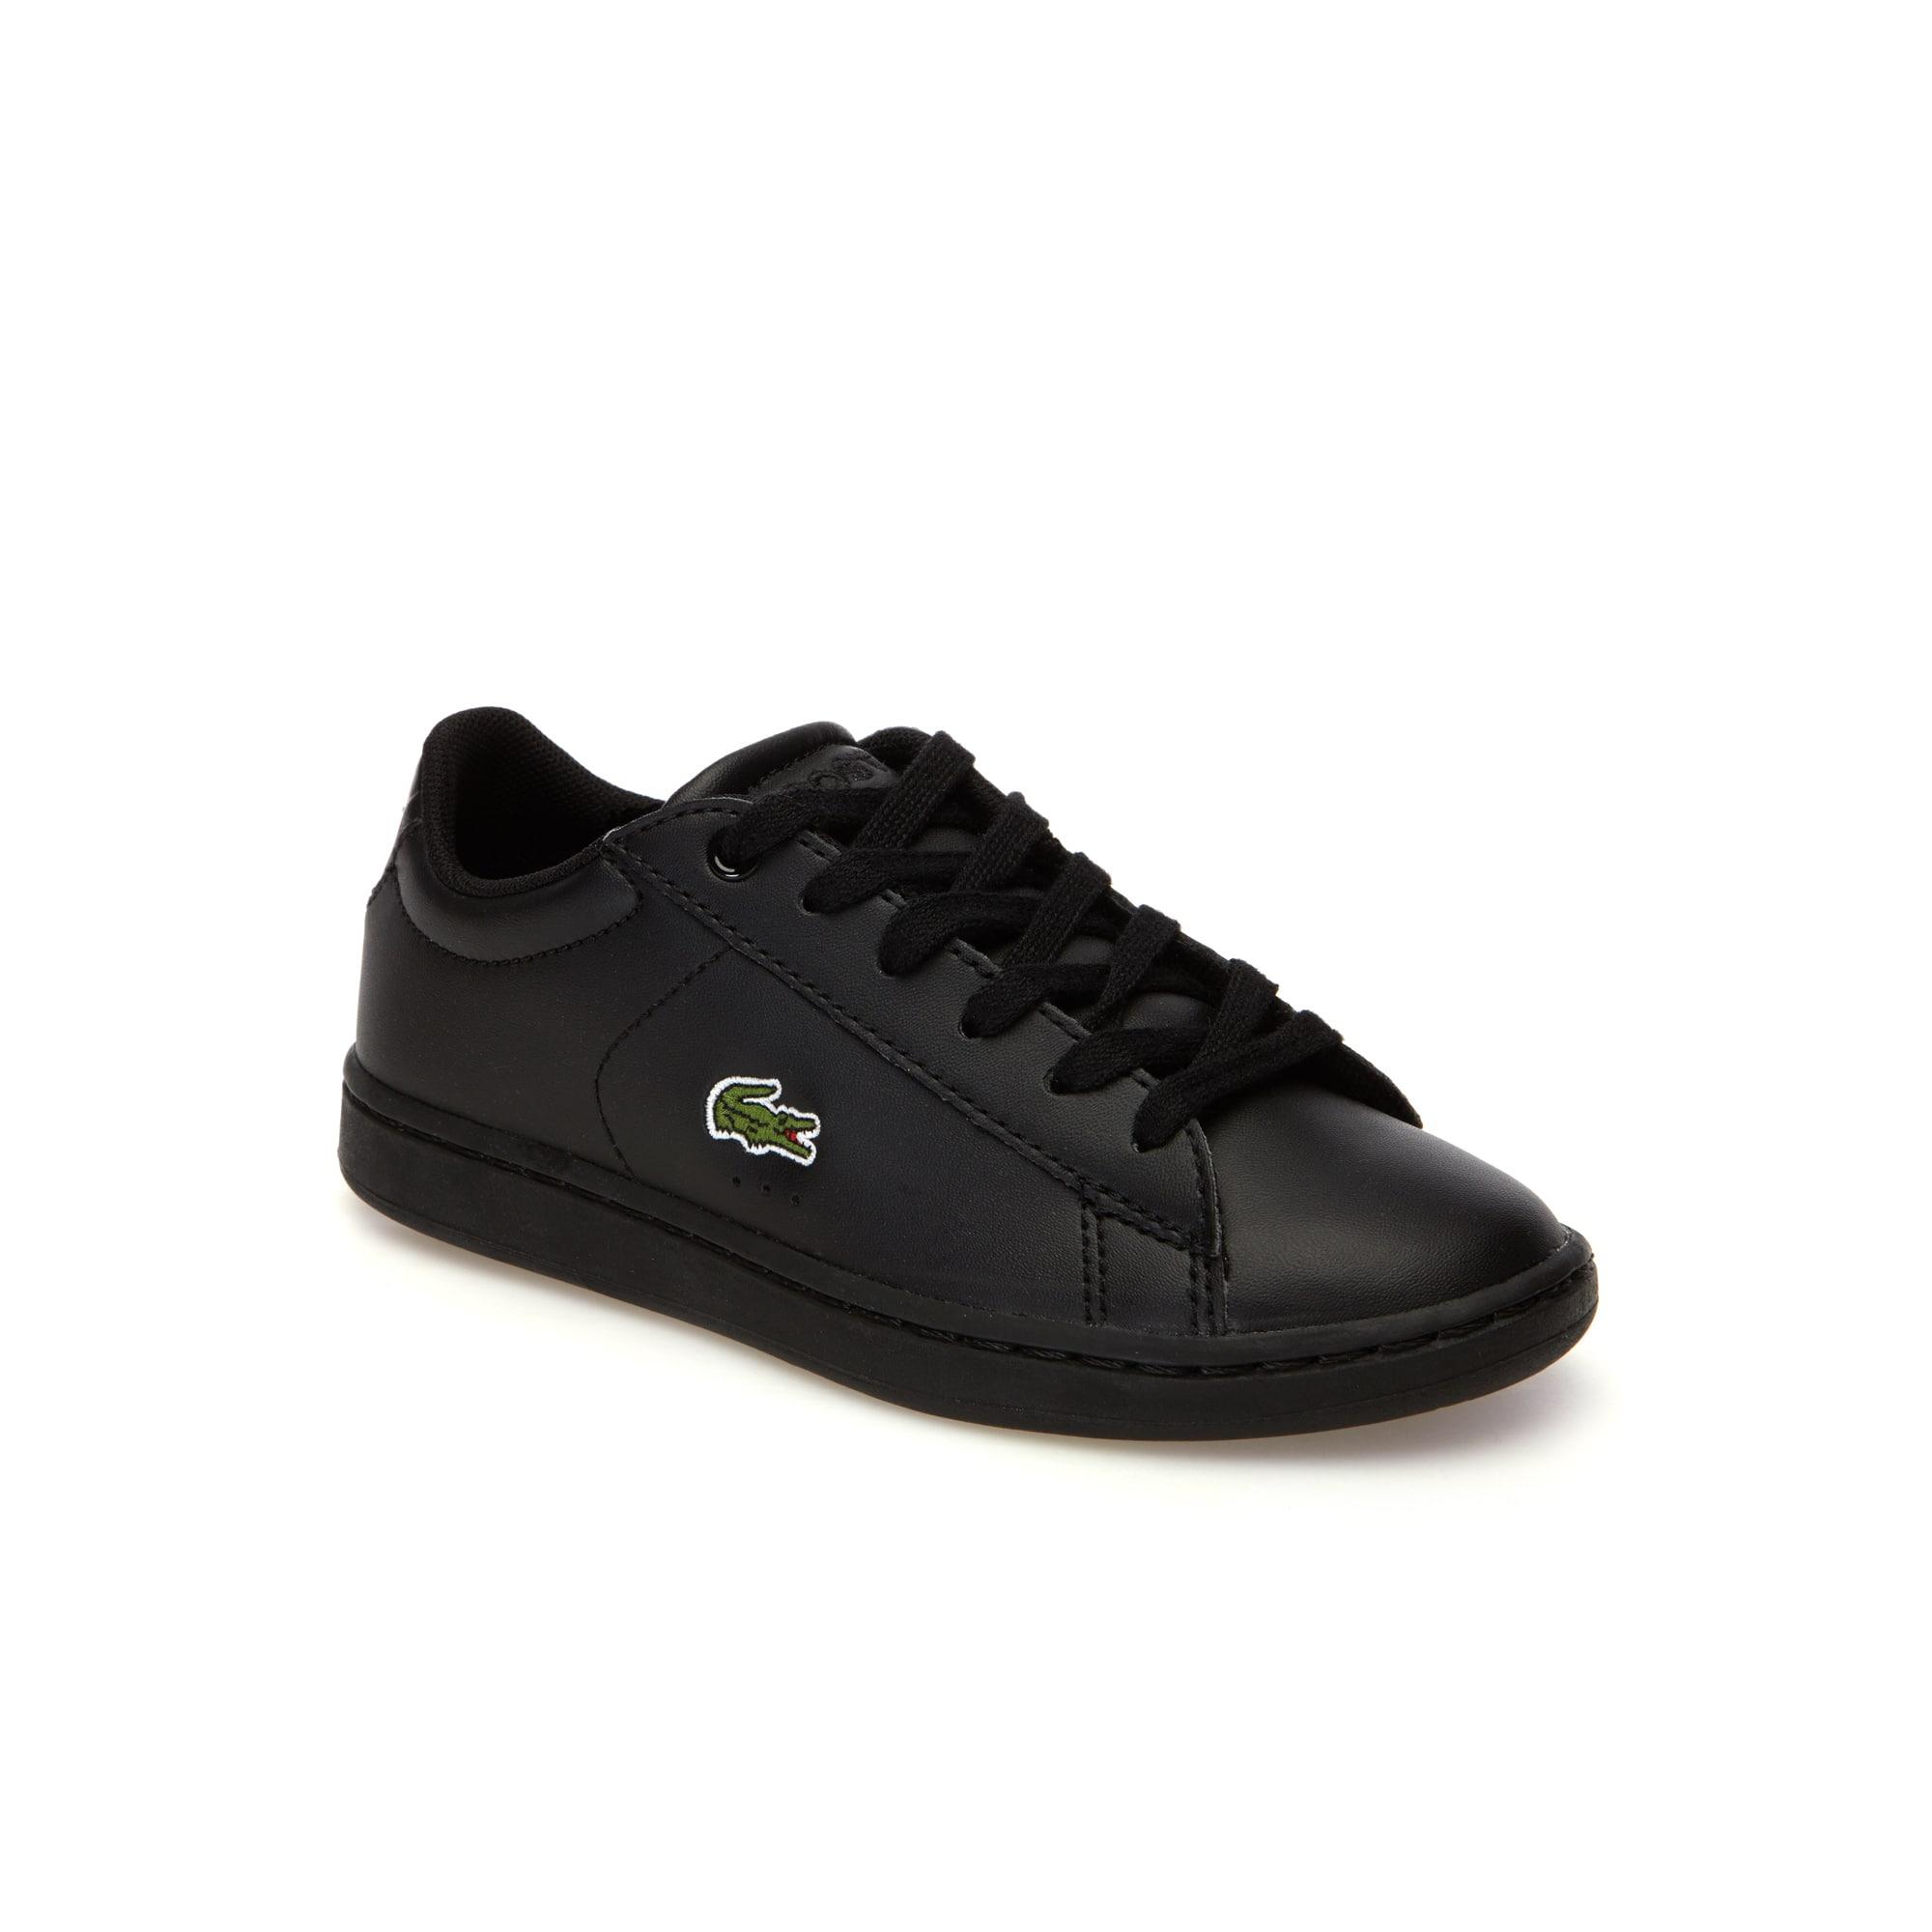 Sneakers Enfant Carnaby Evo en simili-cuir et piqué résille